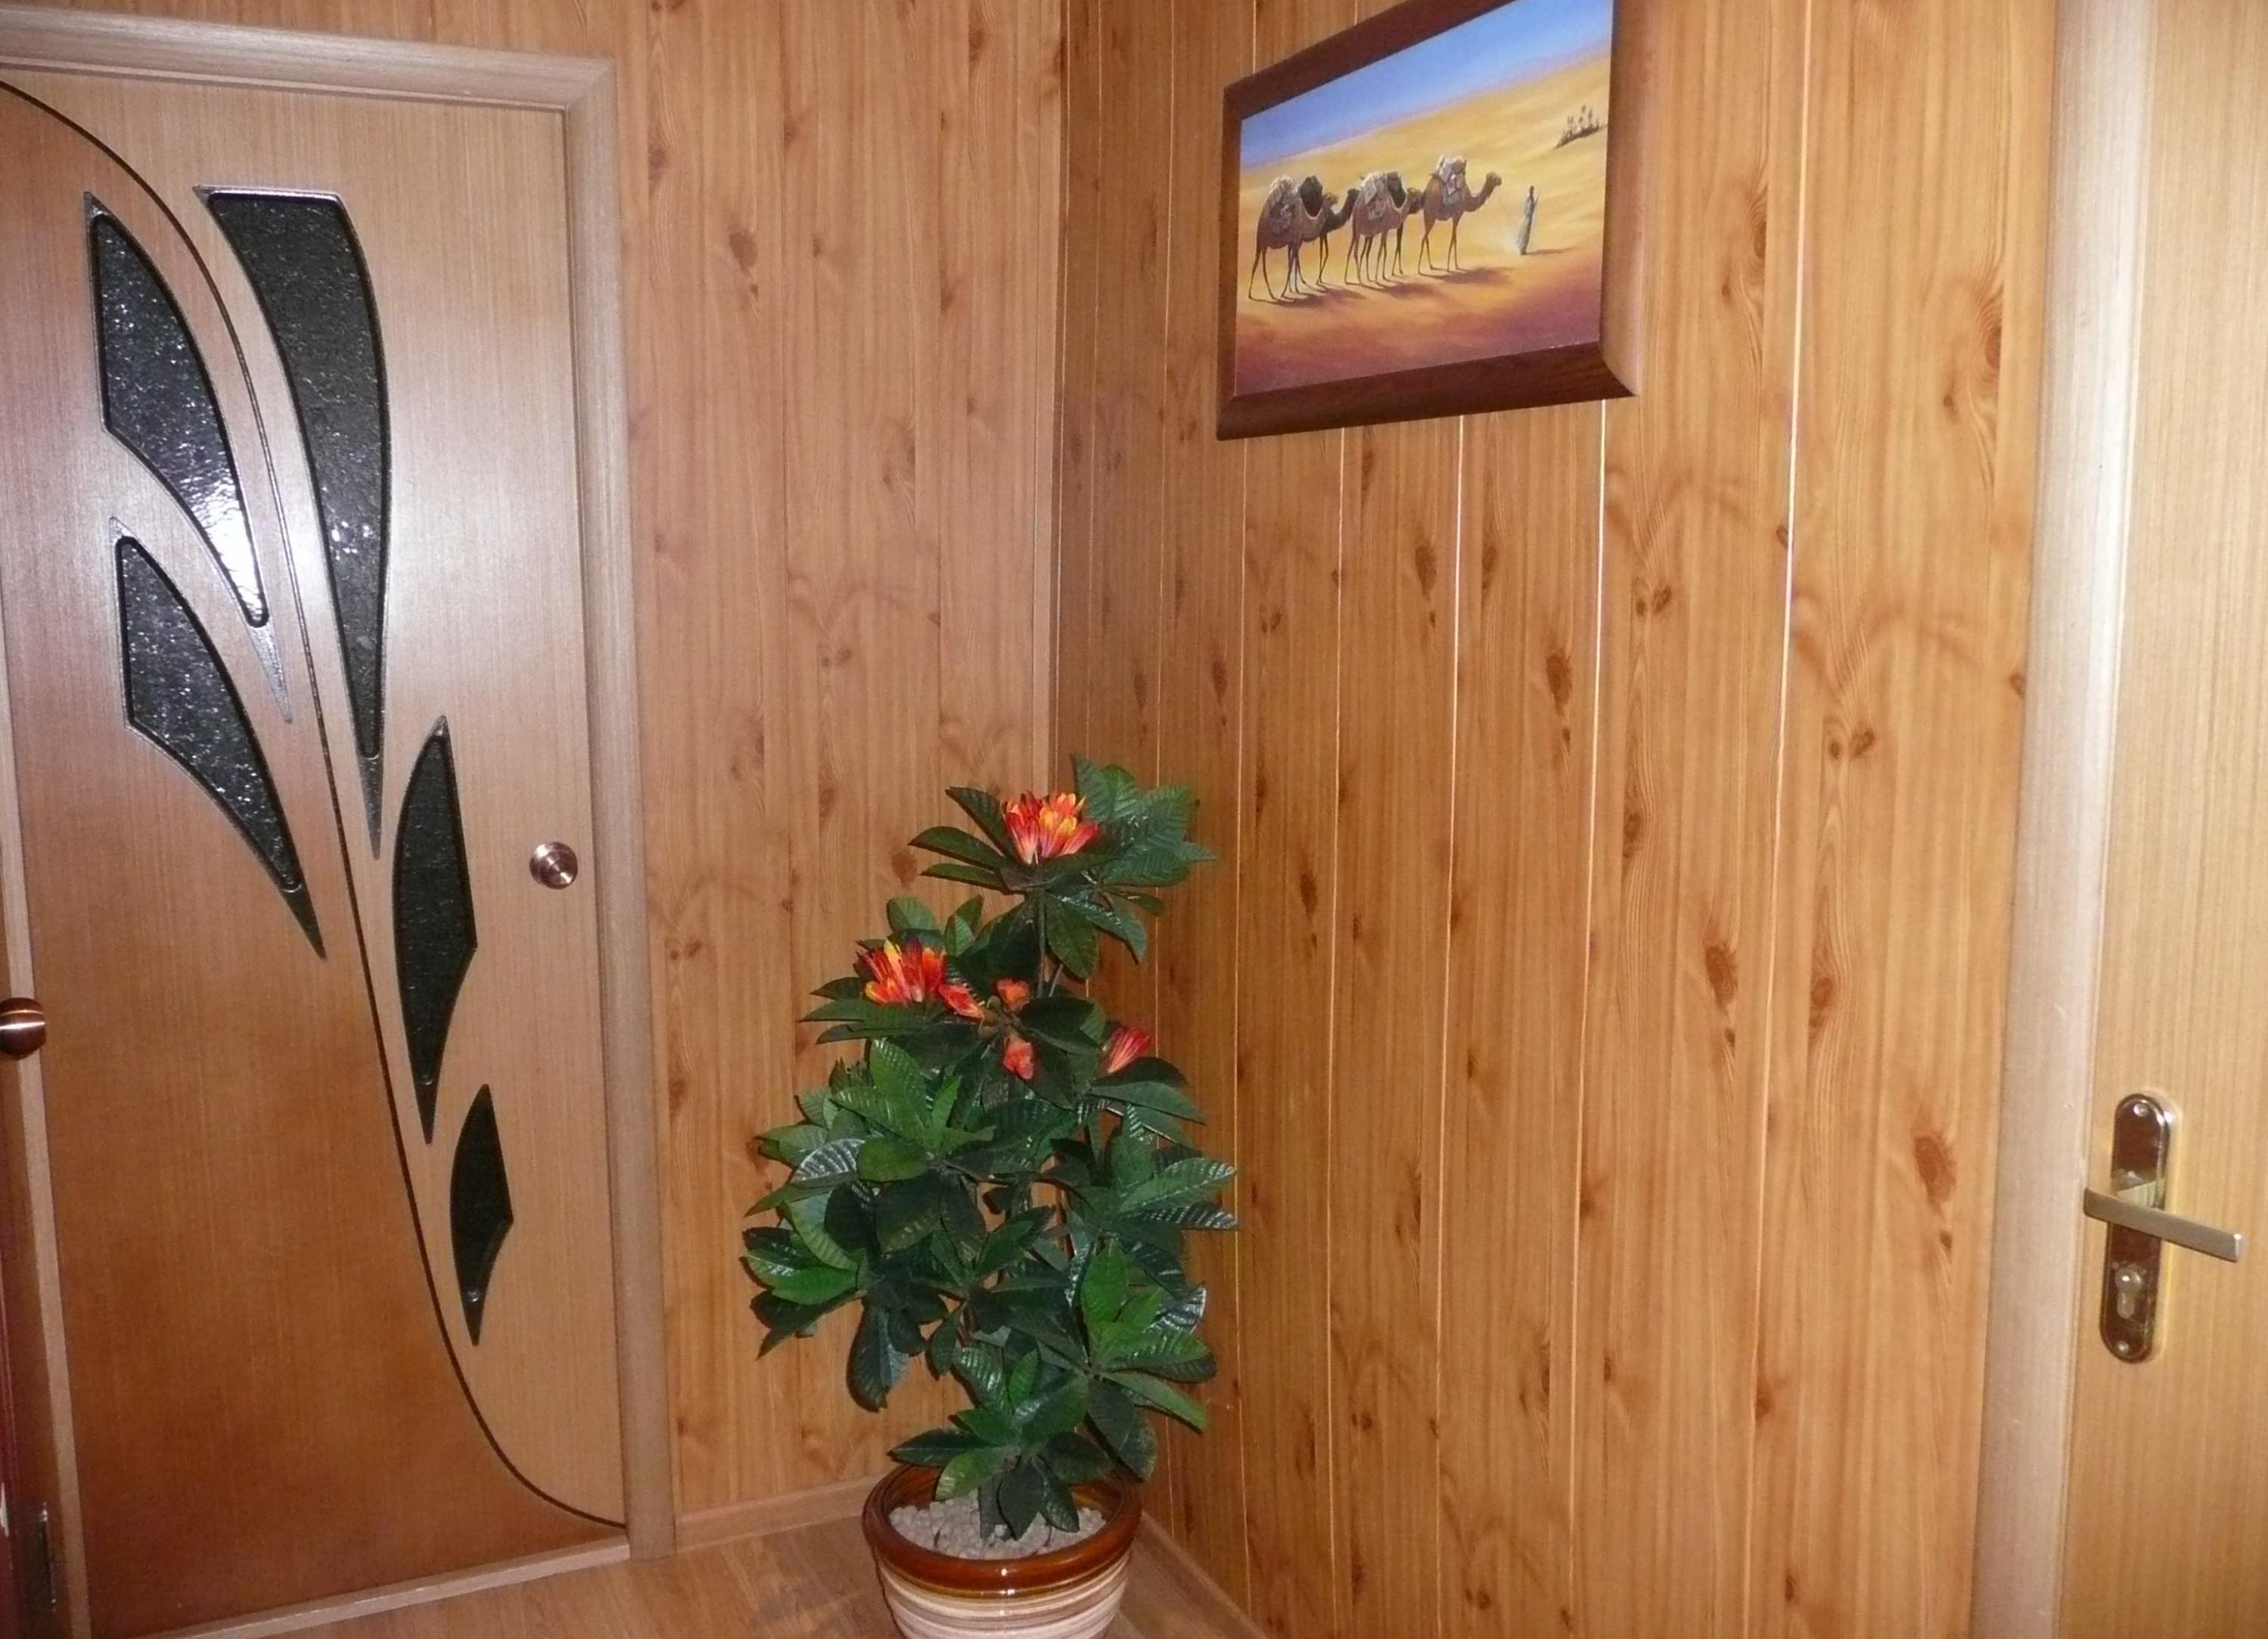 тяжело переживает отделка стен в коридоре панелями фото оборудована большим